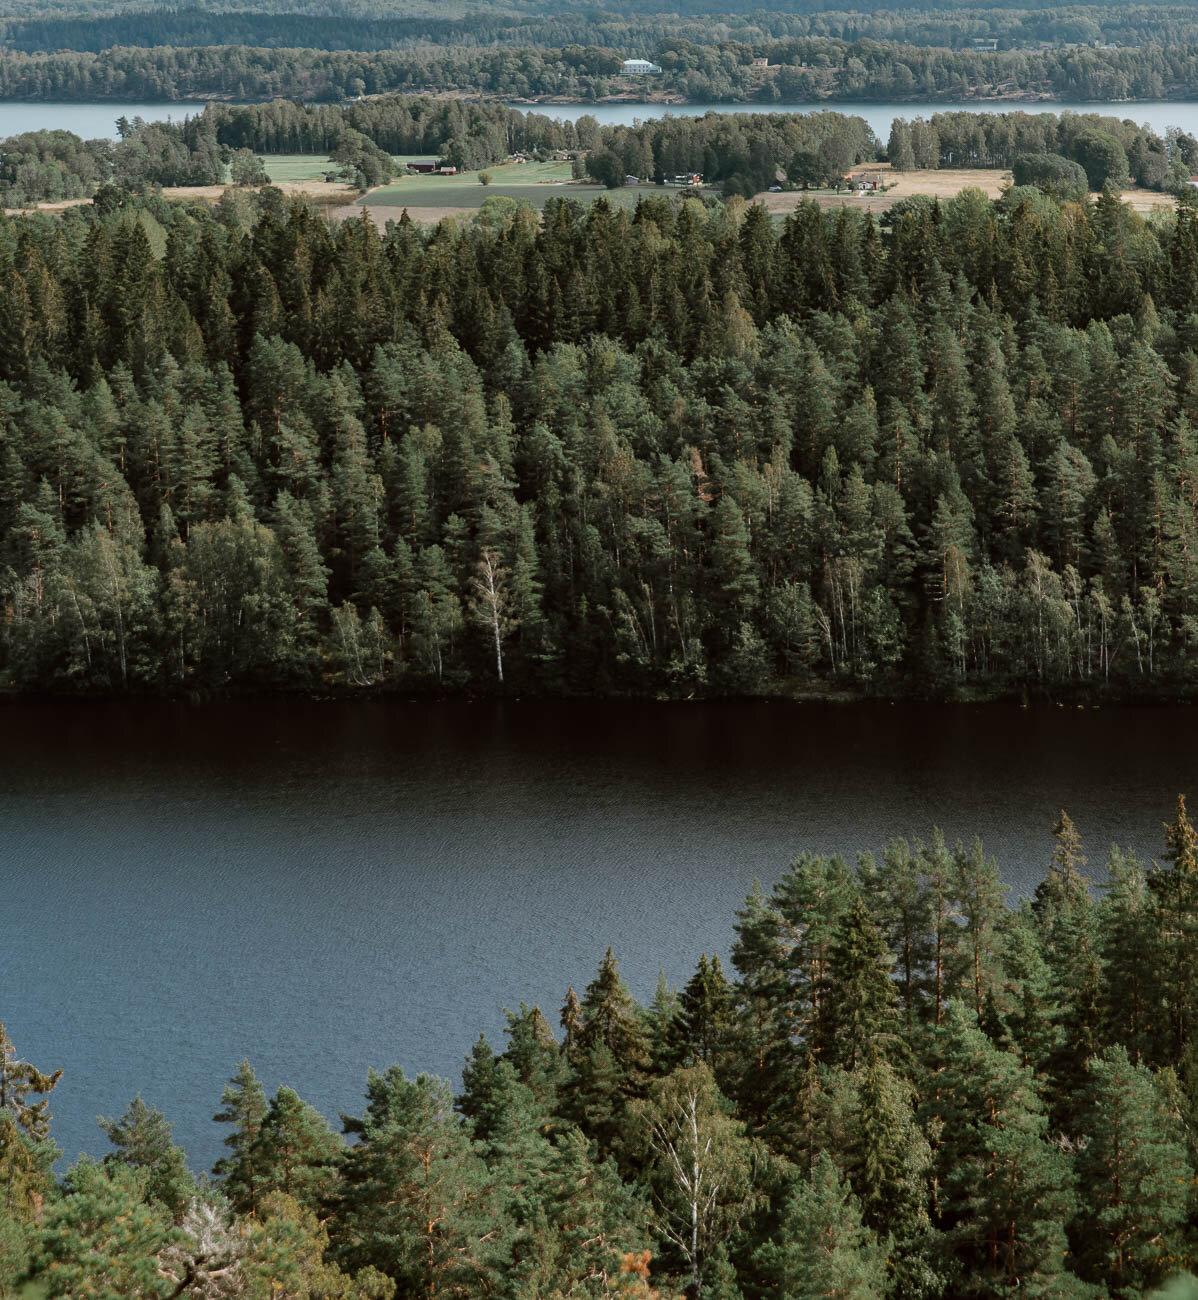 Hiking in West Sweden -  Along Dusty Roads